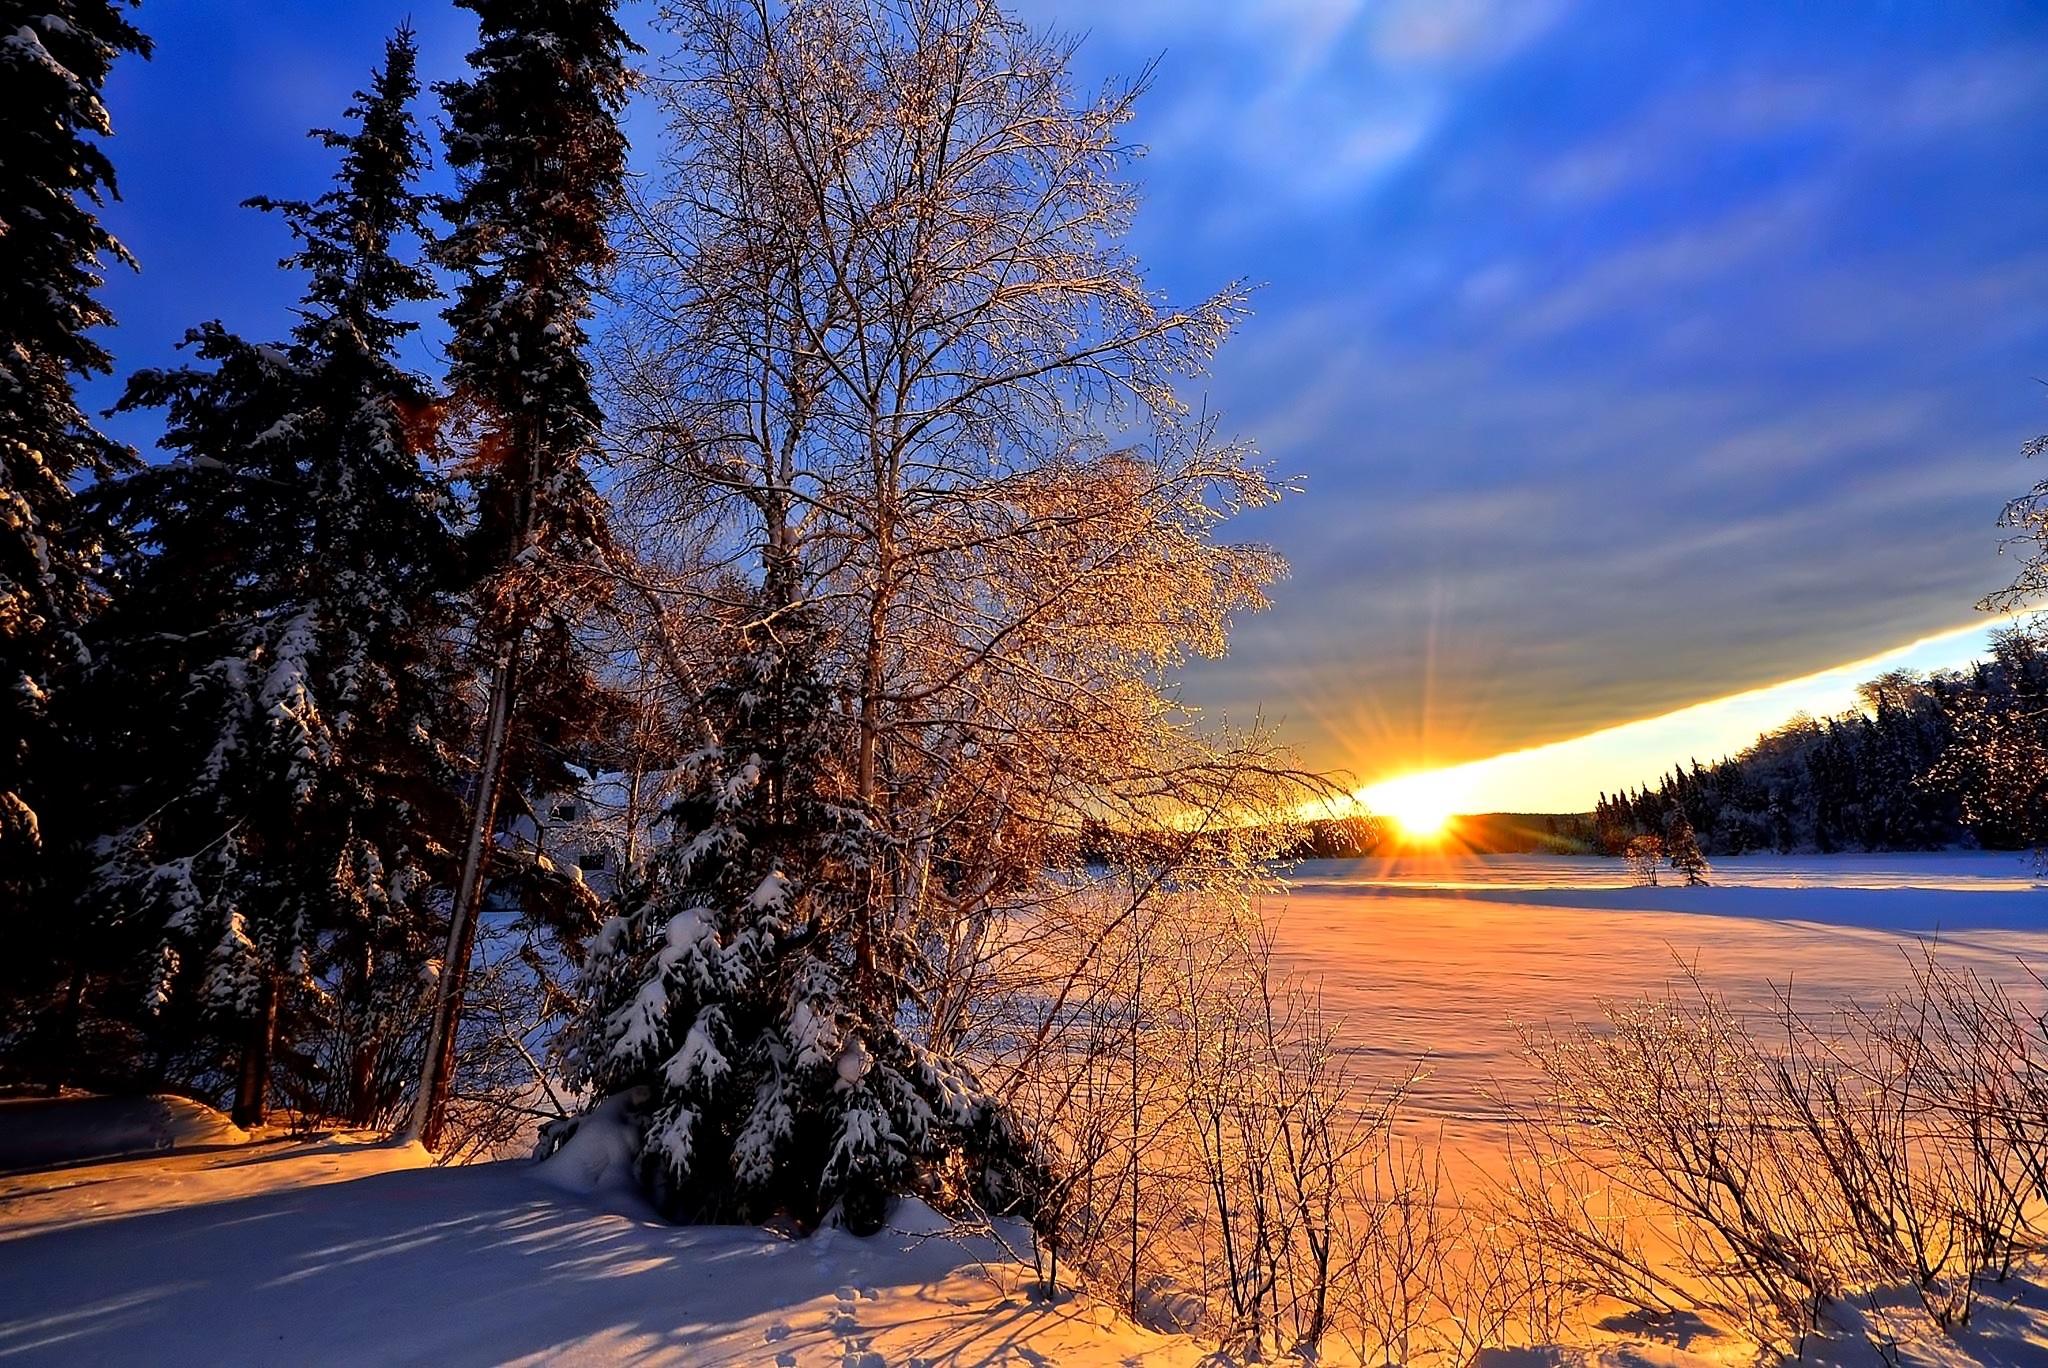 Images gratuites paysage arbre la nature branche neige du froid hiver plante lever du - Meteo lever et coucher du soleil ...